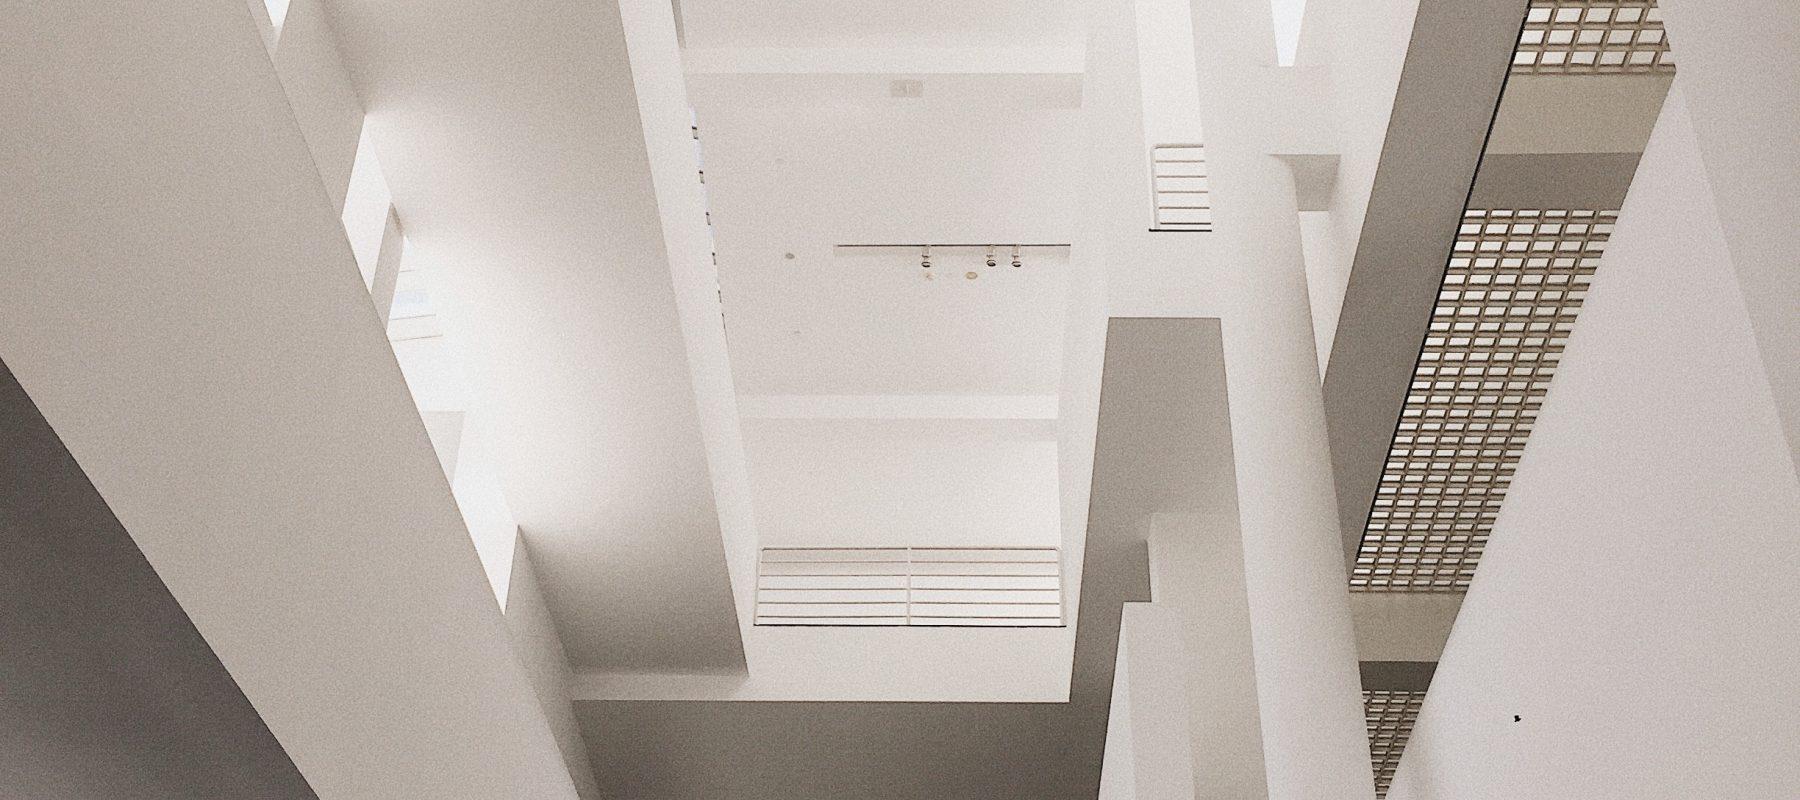 architectural-design-architecture-building-1841147